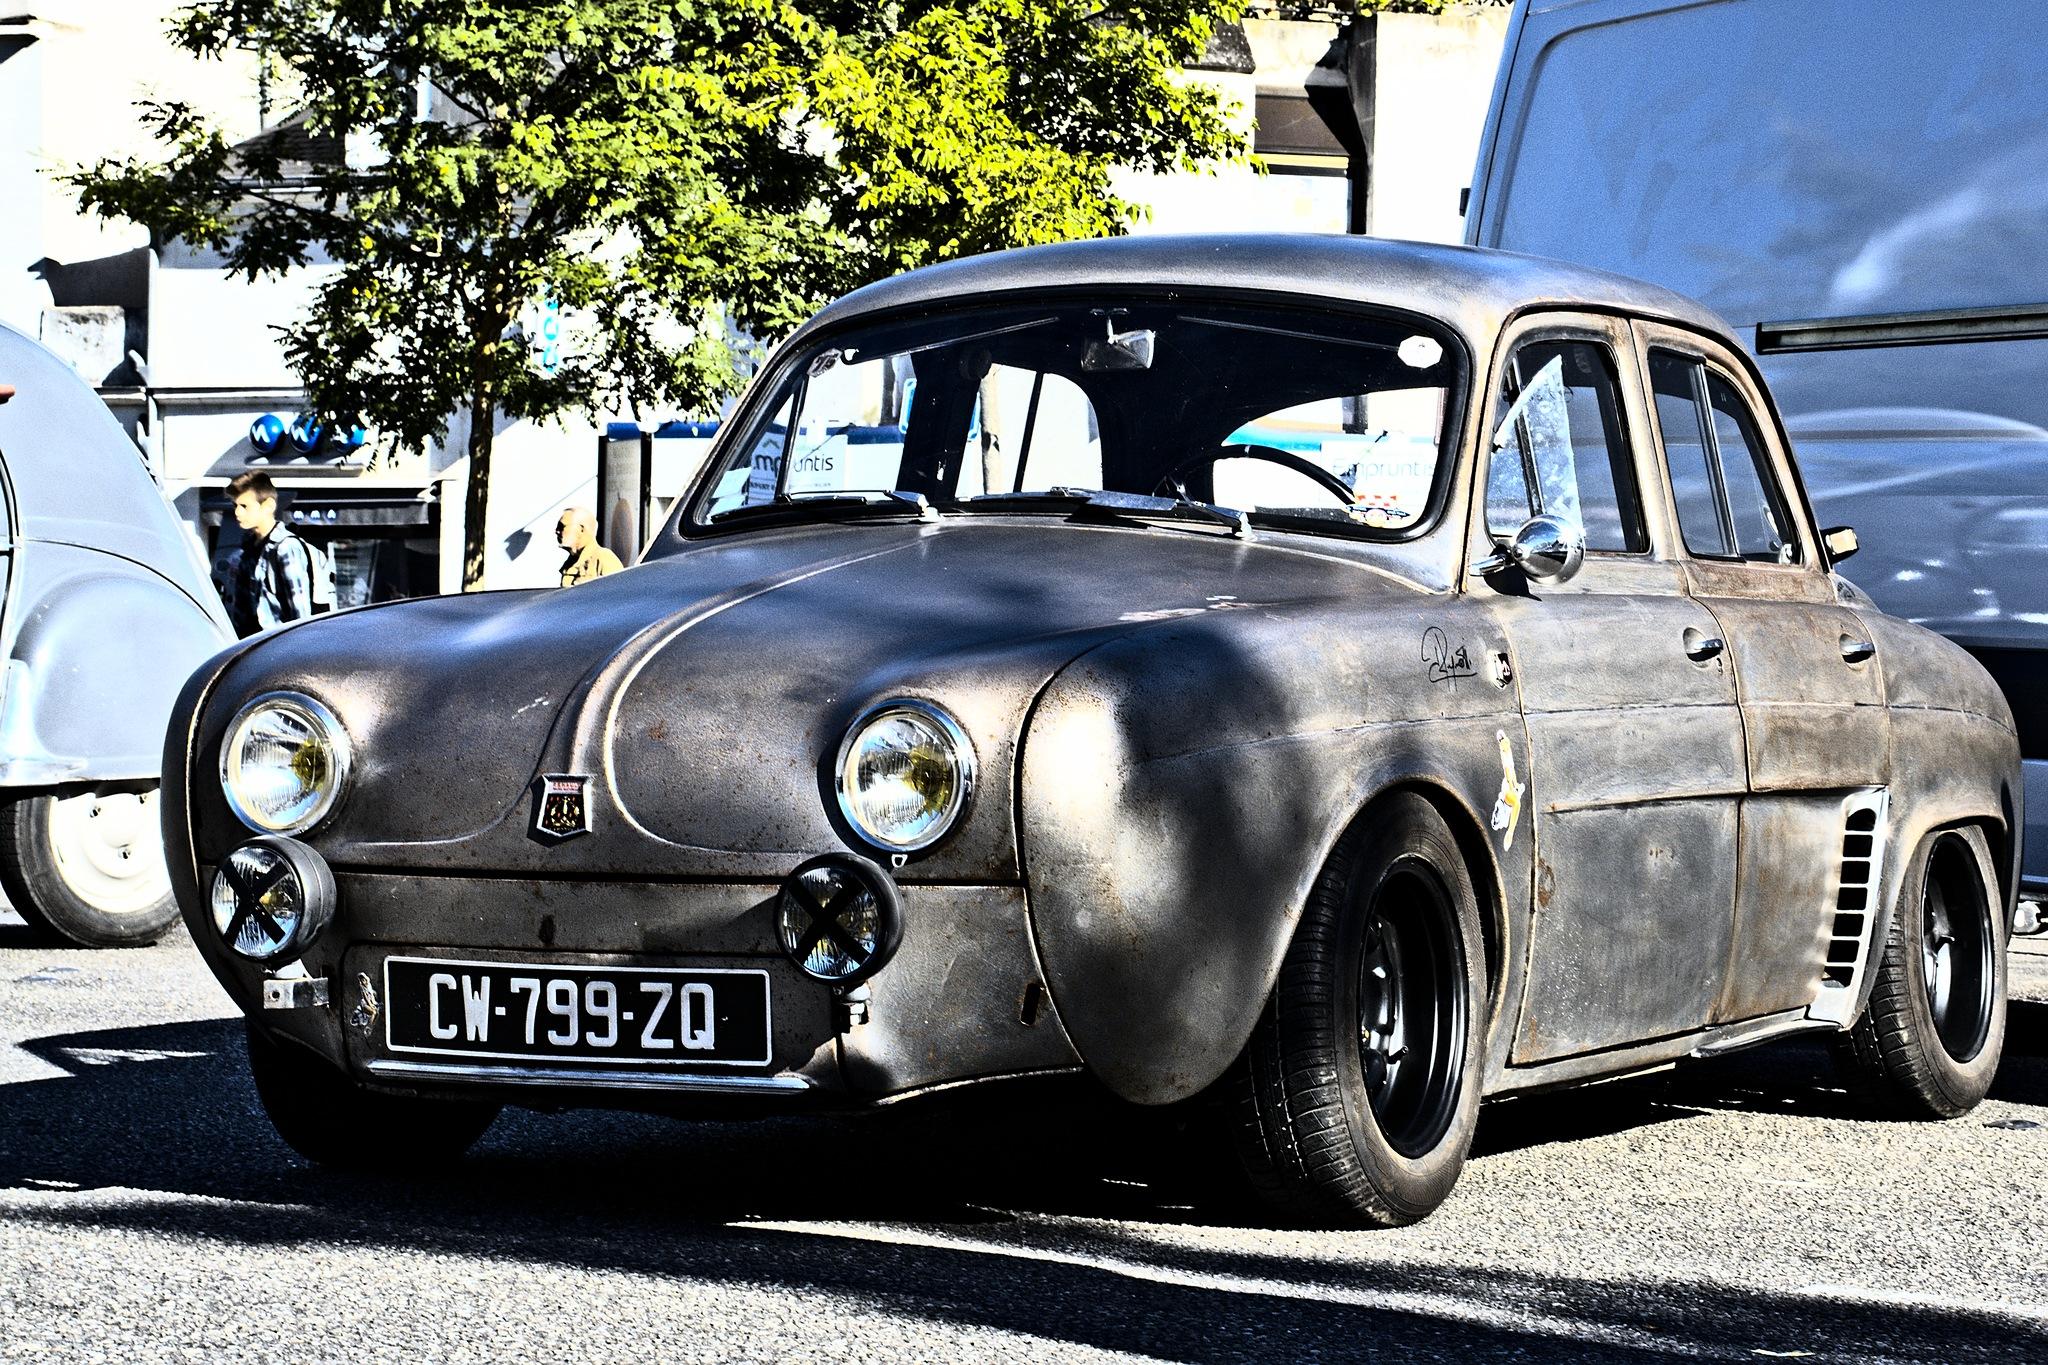 Renault Dauphine by Jean Michel Segaud